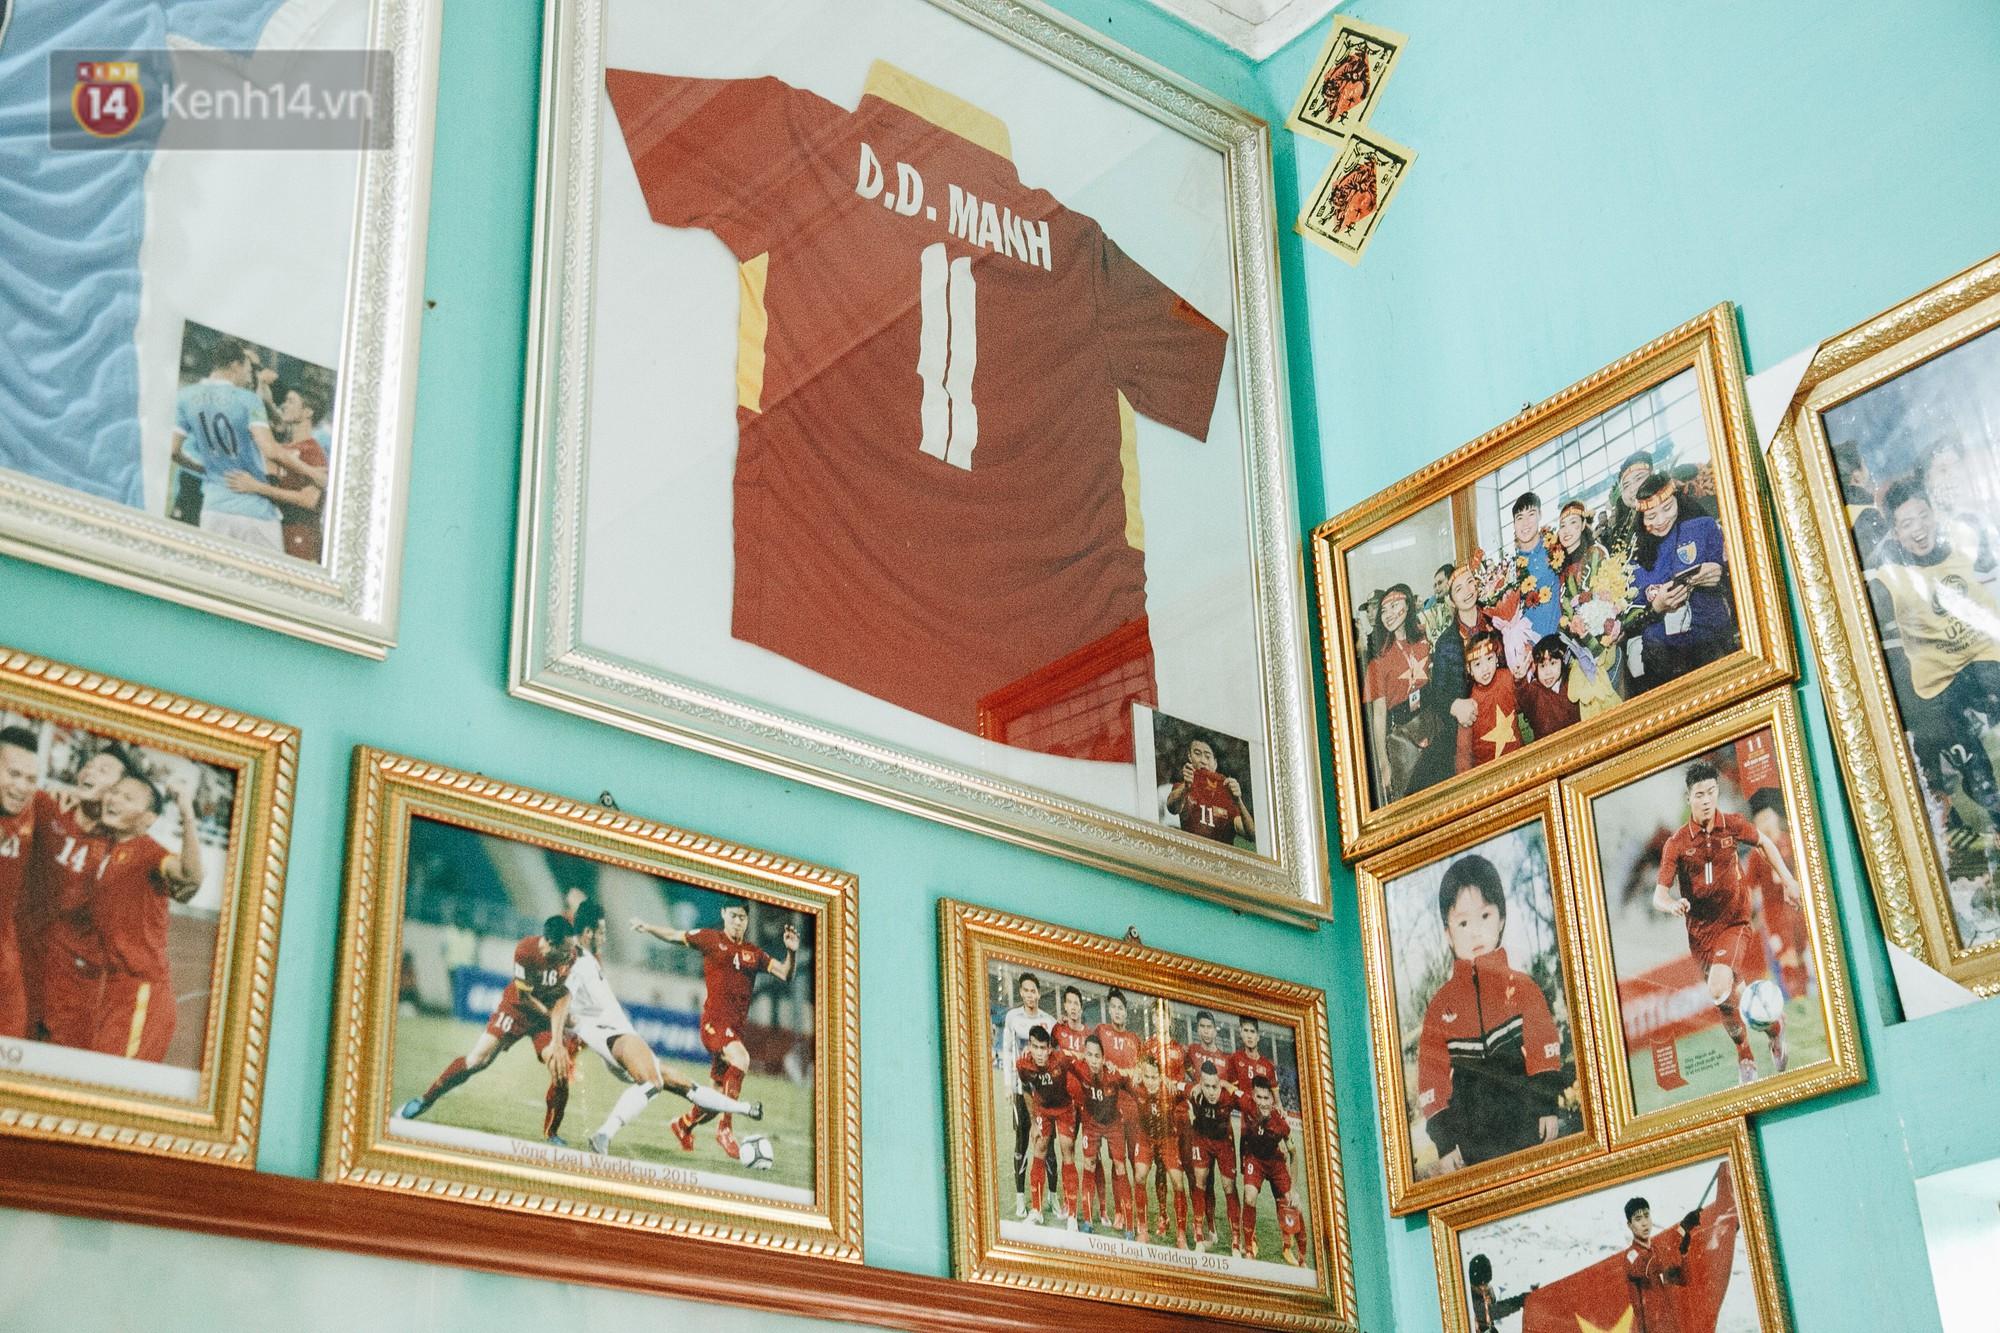 Đỗ Duy Mạnh: Chuyện cậu bé nhặt bóng 10 năm trước và người hùng sau vô địch AFF Cup 2018 - Ảnh 14.